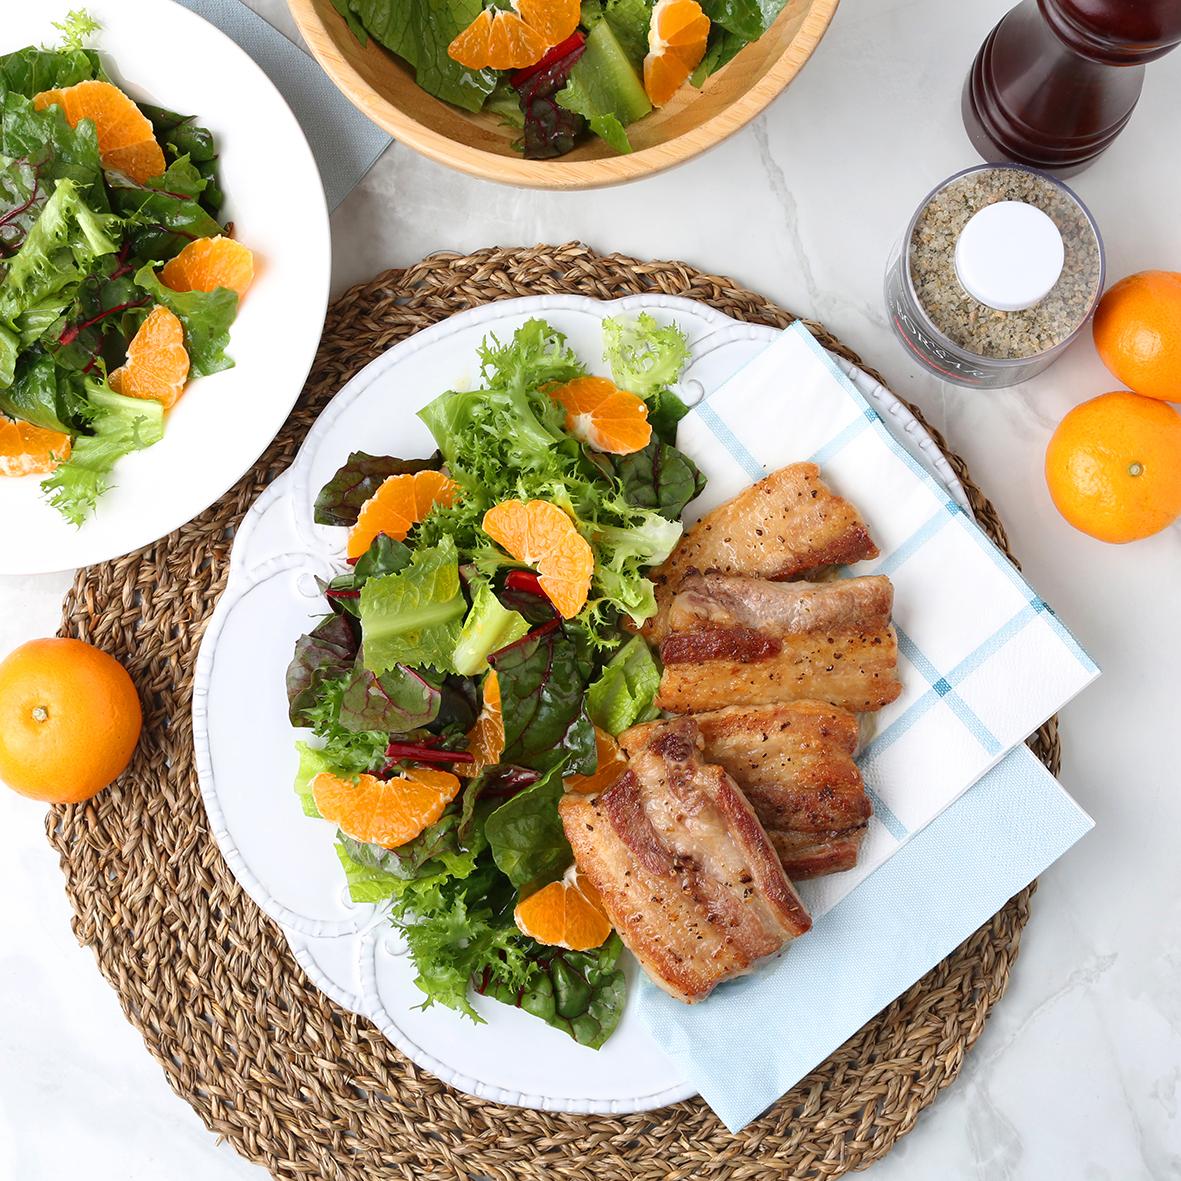 제주 감귤 샐러드와 돼지고기 스테이크